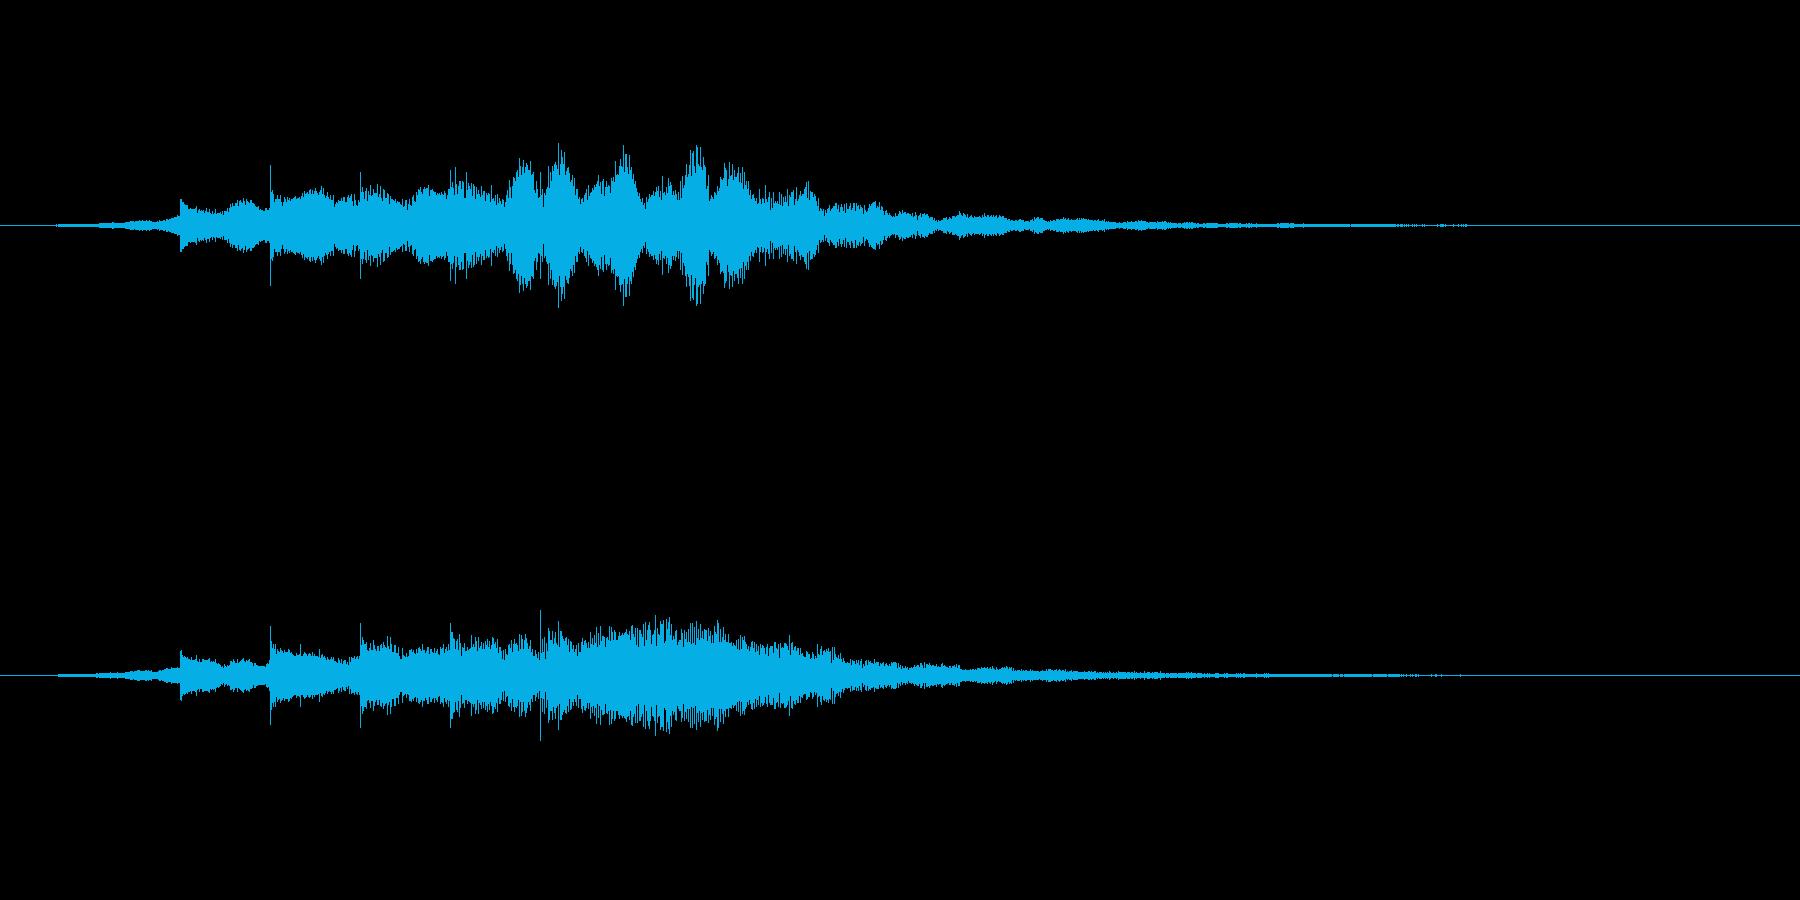 テレレレン(起動音・企業サウンドロゴ)の再生済みの波形